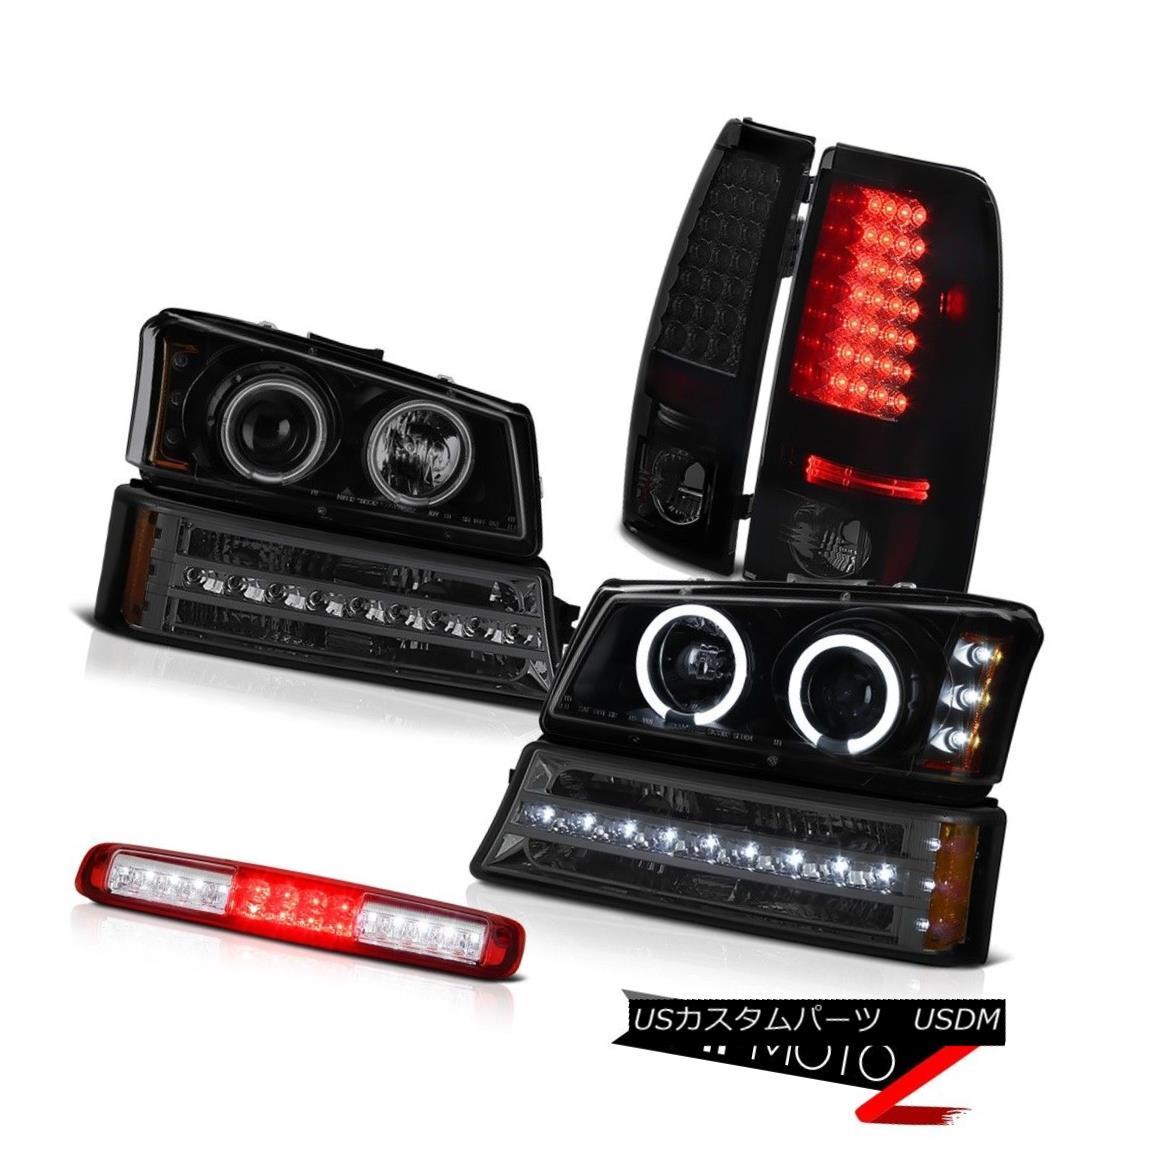 テールライト 03-06 Silverado Red Clear High Stop Lamp Turn Signal Headlamps Tail Lights SMD 03-06 Silverado赤クリアハイストップランプターンシグナルヘッドランプテールライトSMD